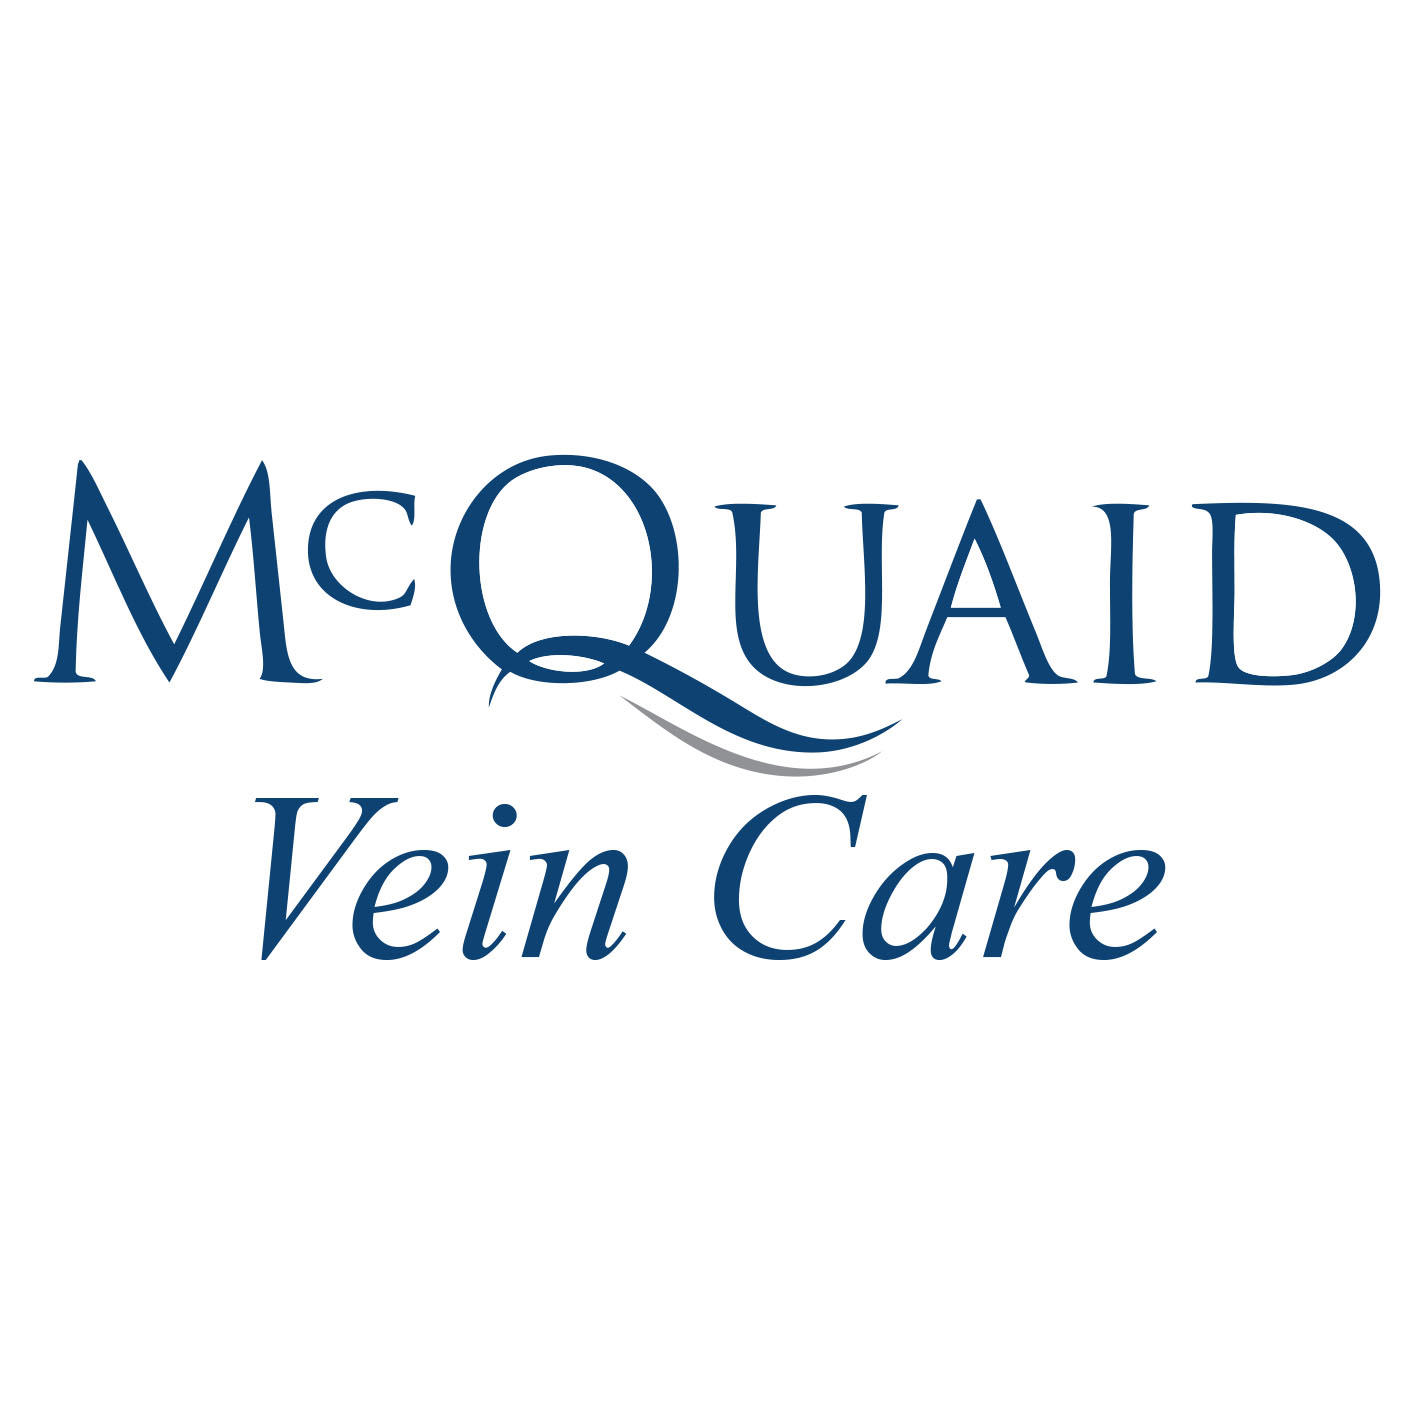 McQuaid Vein Care